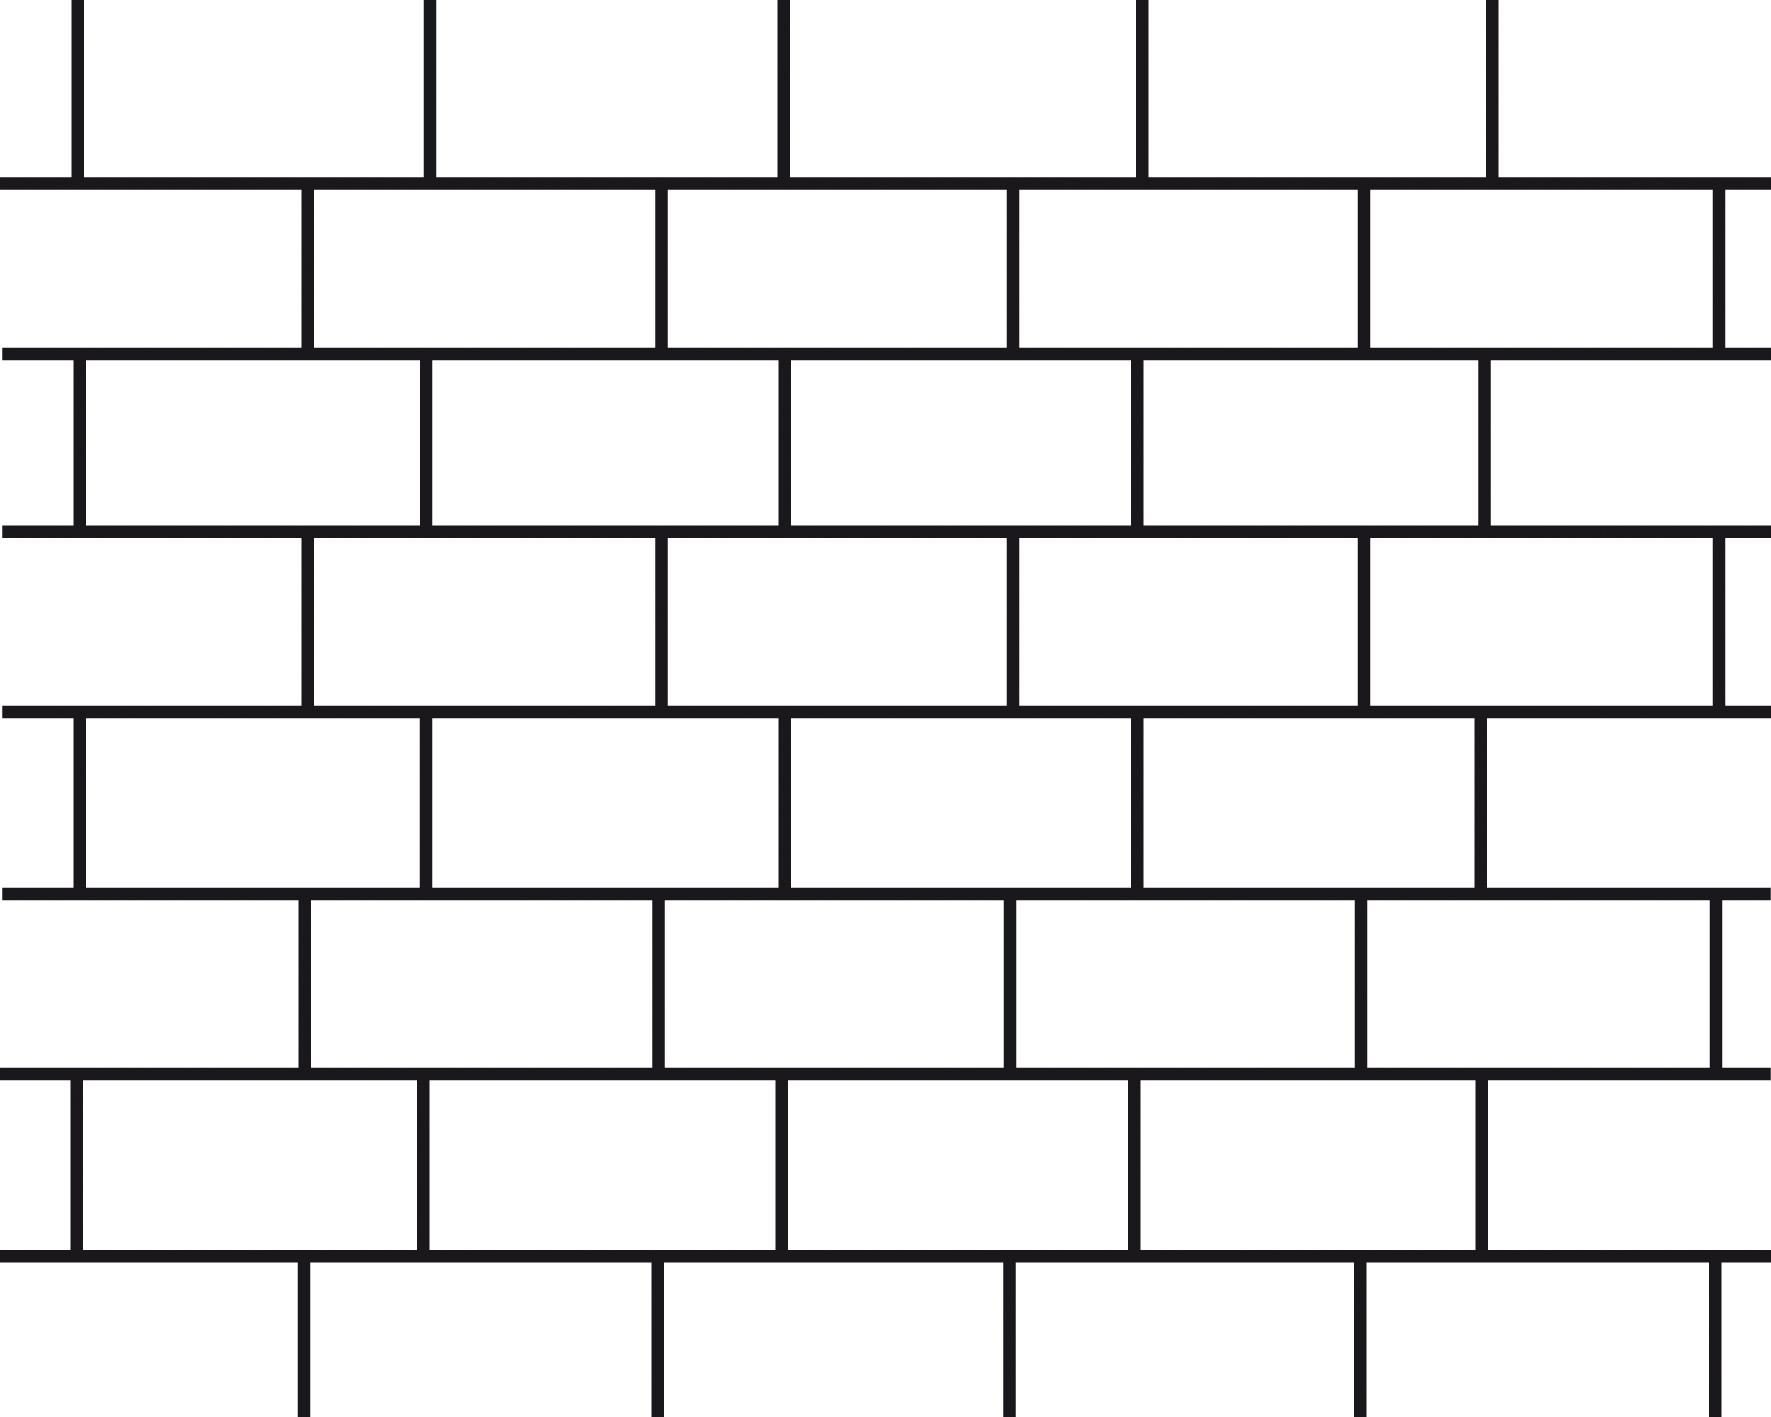 FUTURA Bvw Beton Und Verbundsteinwerke - Betonplatten 60 x 30